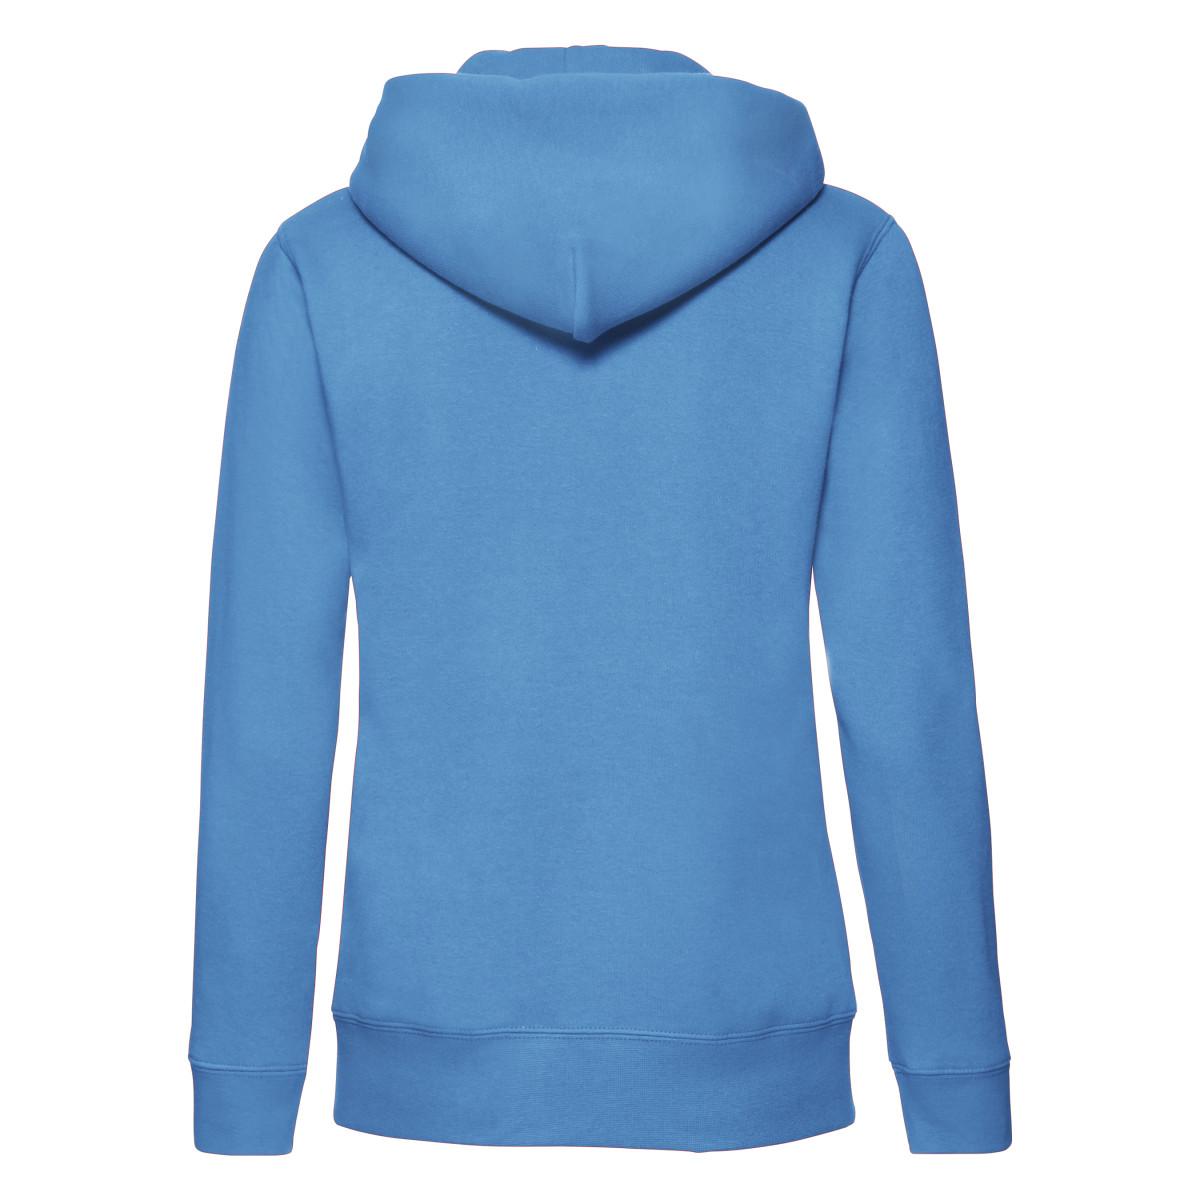 fruit of the loom womens ladies lady fit hooded sweatshirt zip up jacket hoodie ebay. Black Bedroom Furniture Sets. Home Design Ideas